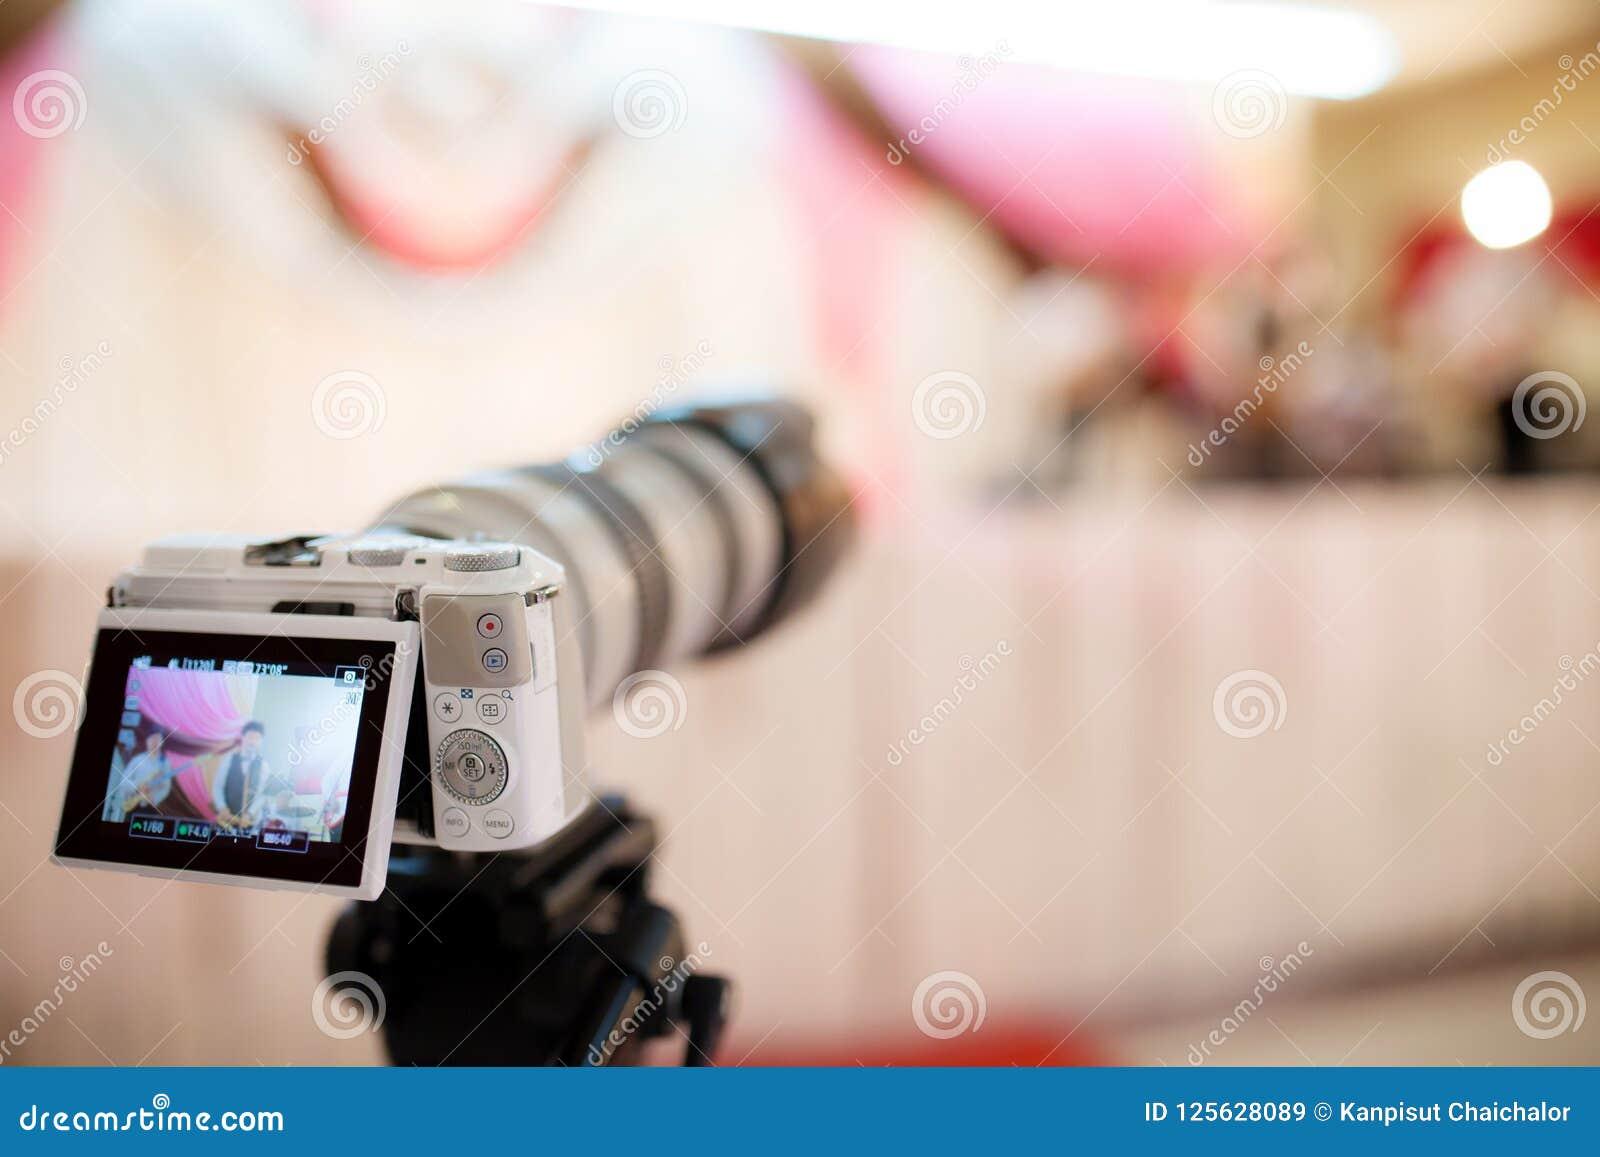 Cámara de vídeo que registra el gran momento en ceremonia de boda